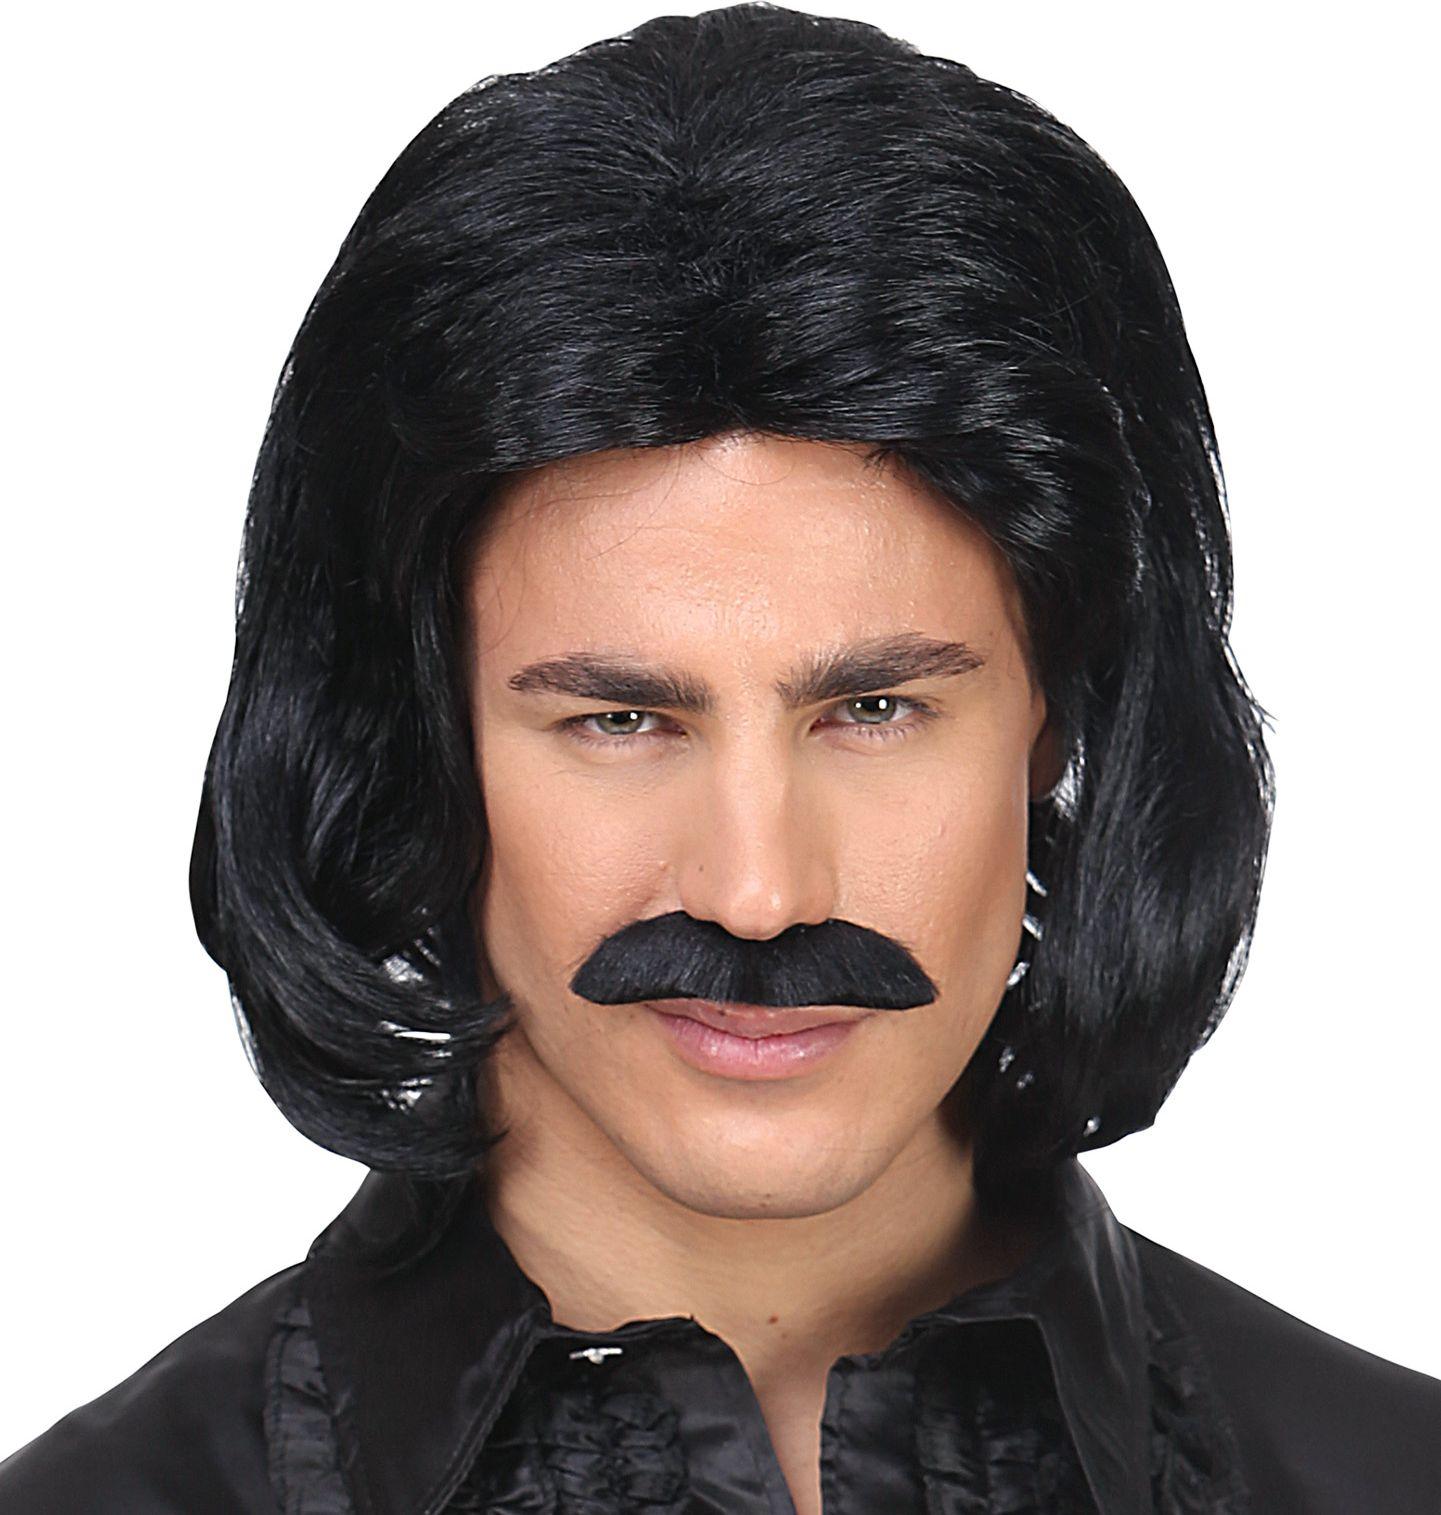 Zwarte 70s disco pruik heren